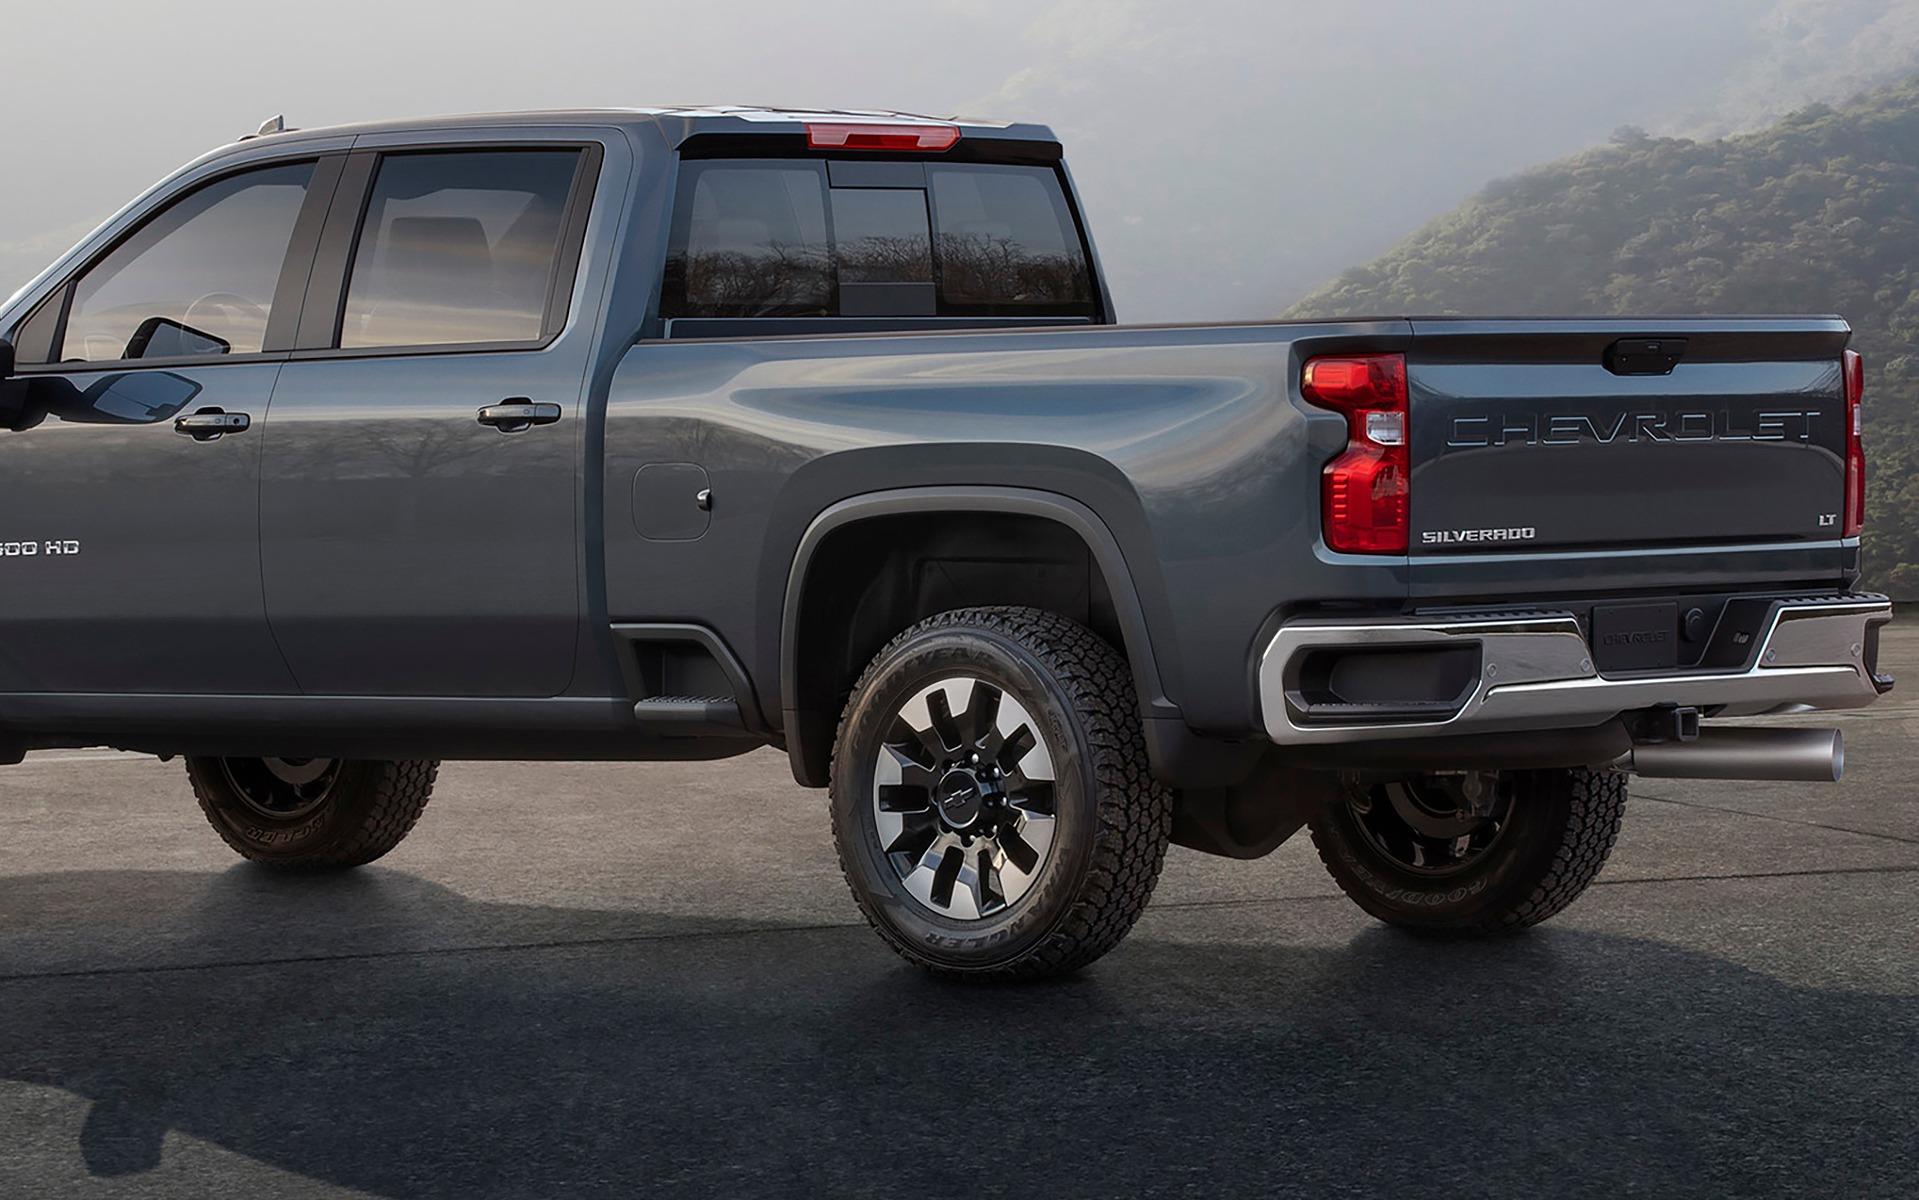 Le Chevrolet Silverado HD 2020 n'a pas l'air content 359485_Le_Chevrolet_Silverado_HD_2020_n_a_pas_l_air_content